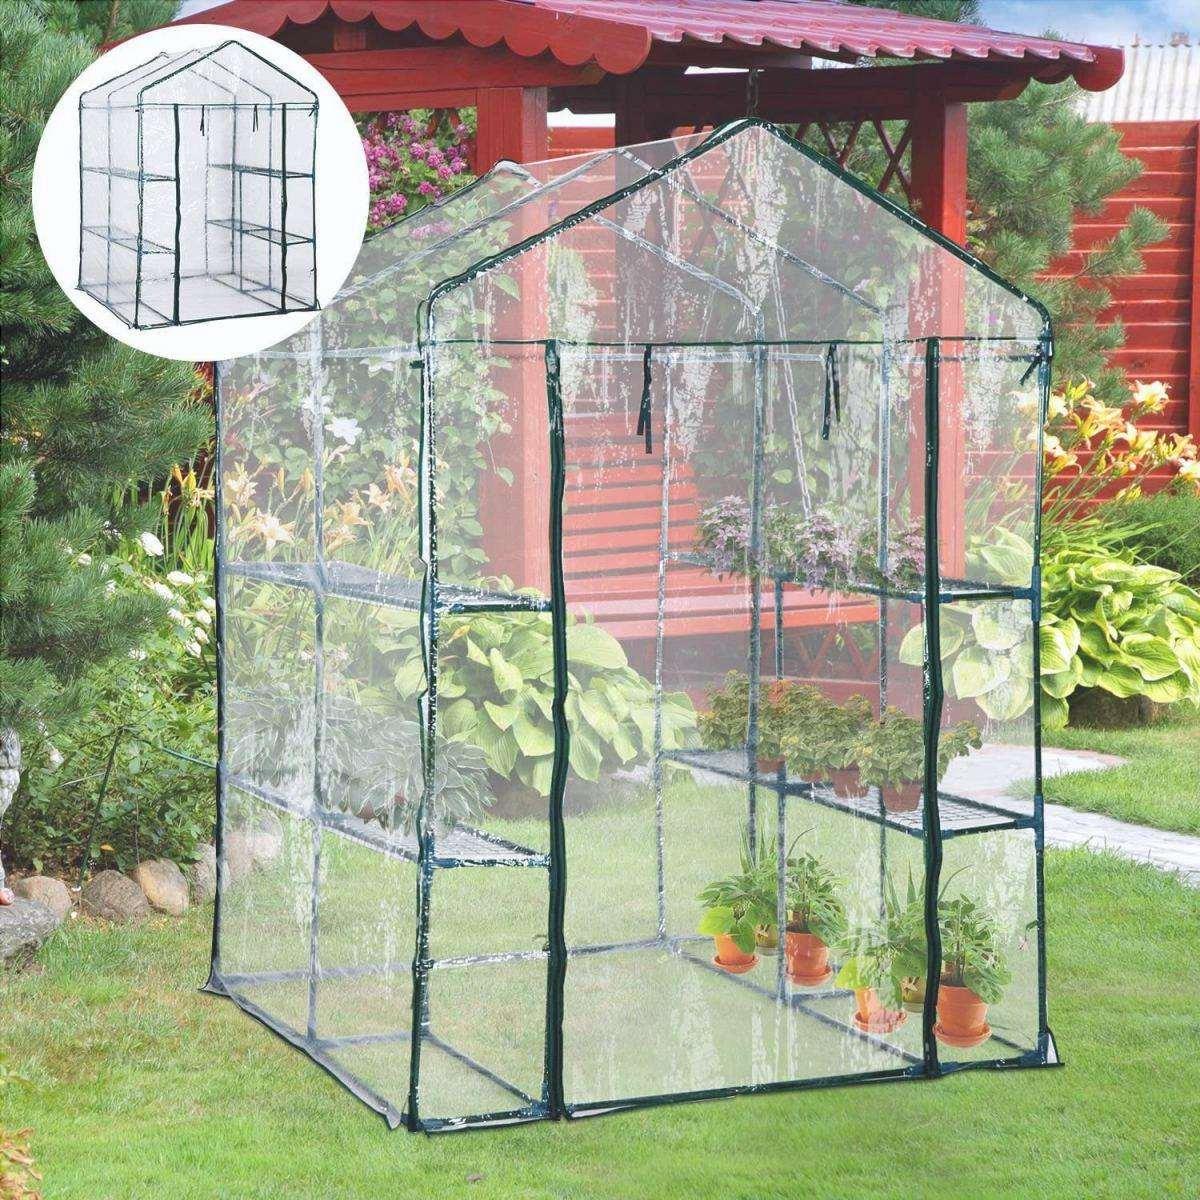 Proteggi le tue piante dal freddo in una serra